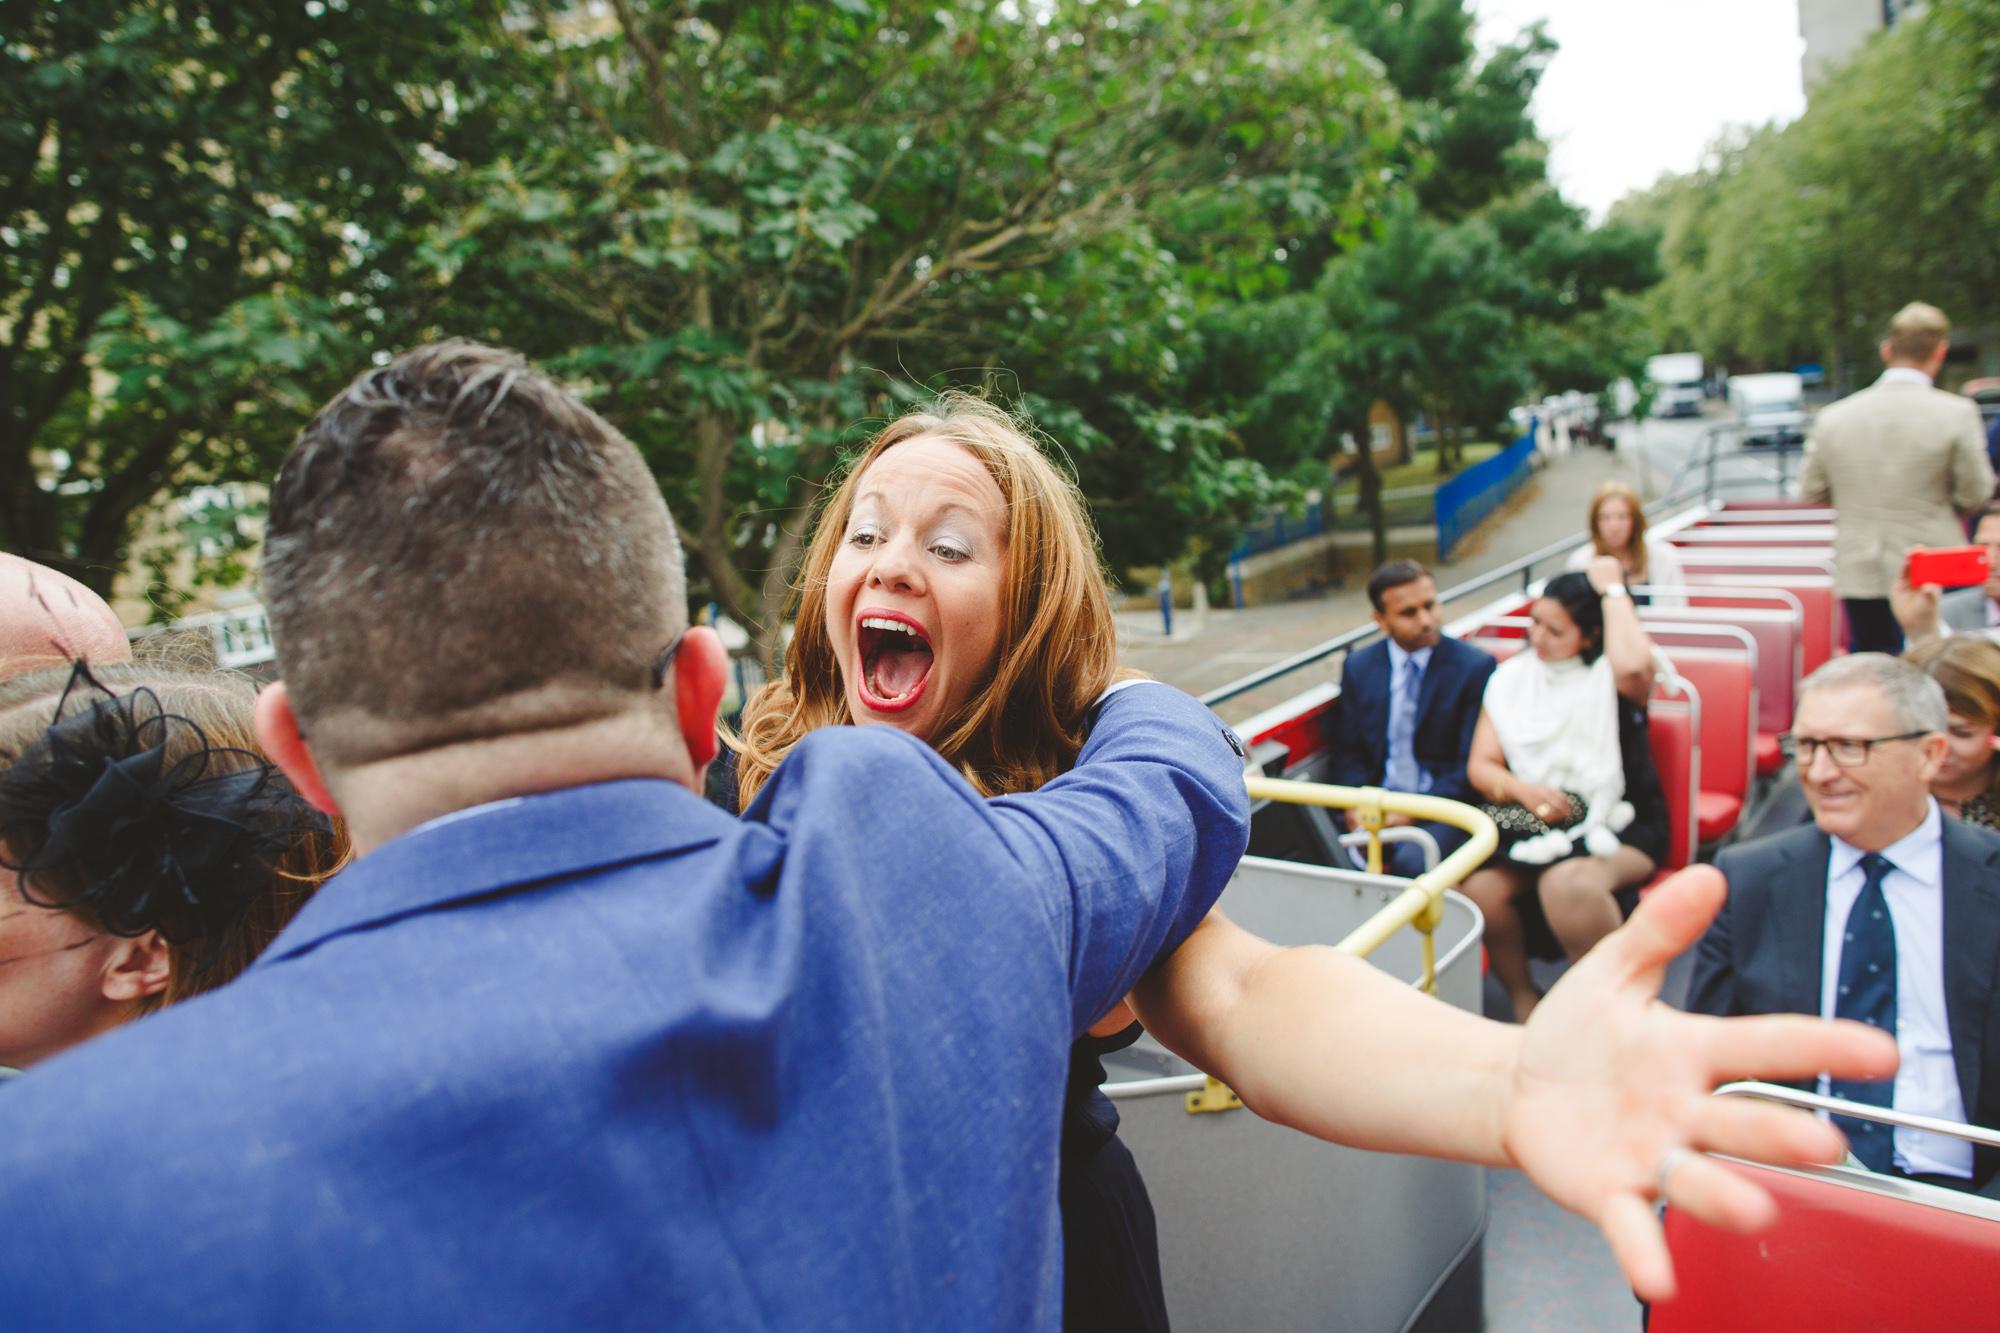 london-wedding-photographer--10.jpg